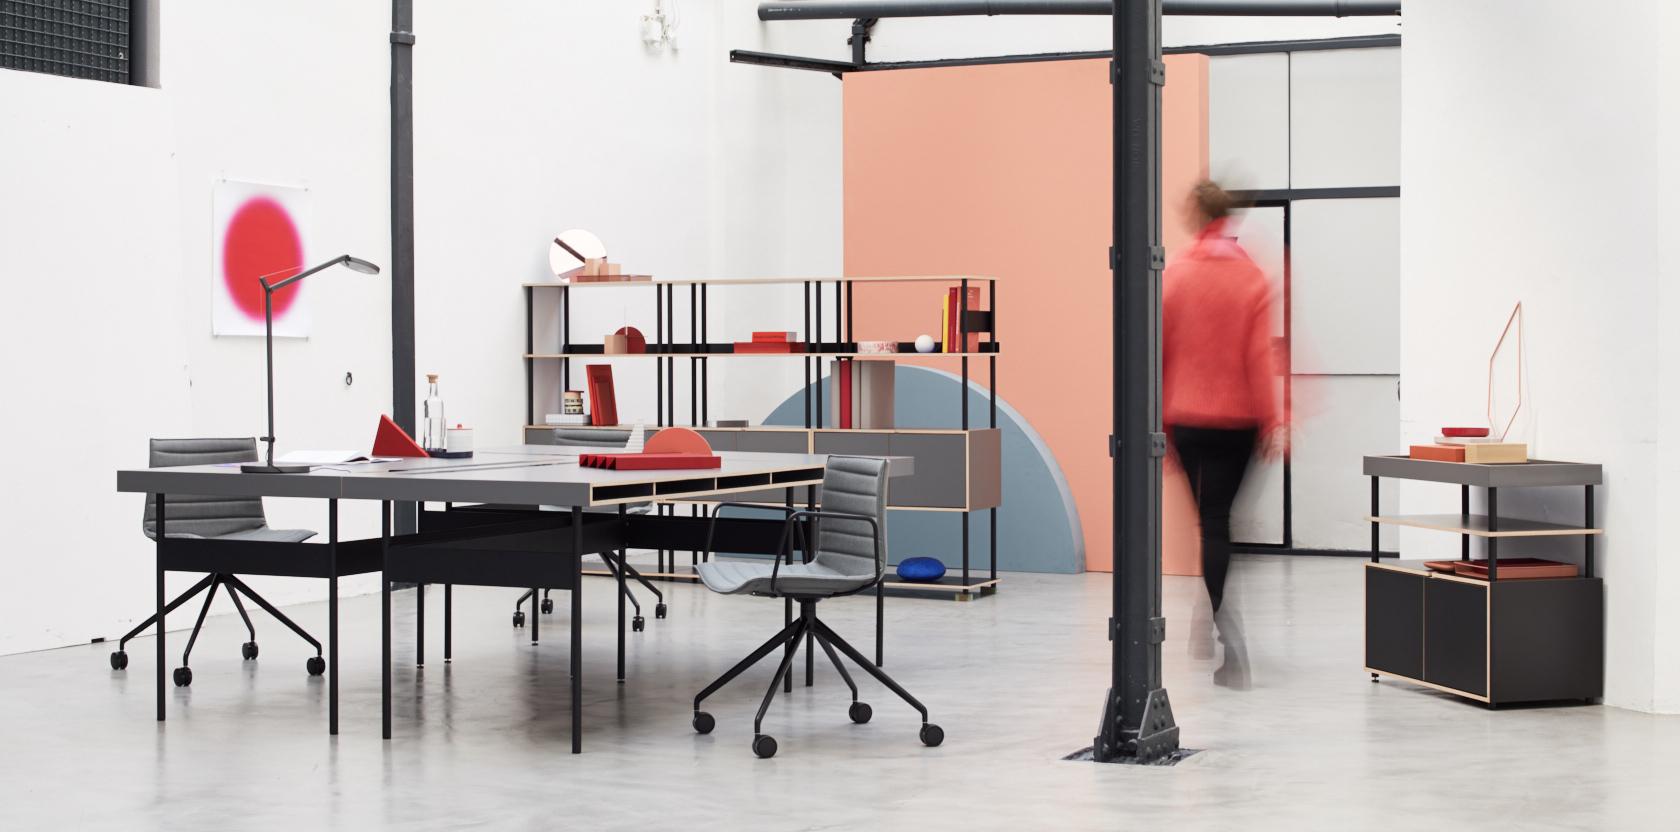 STUDIO shelving system by Bene | STYLEPARK